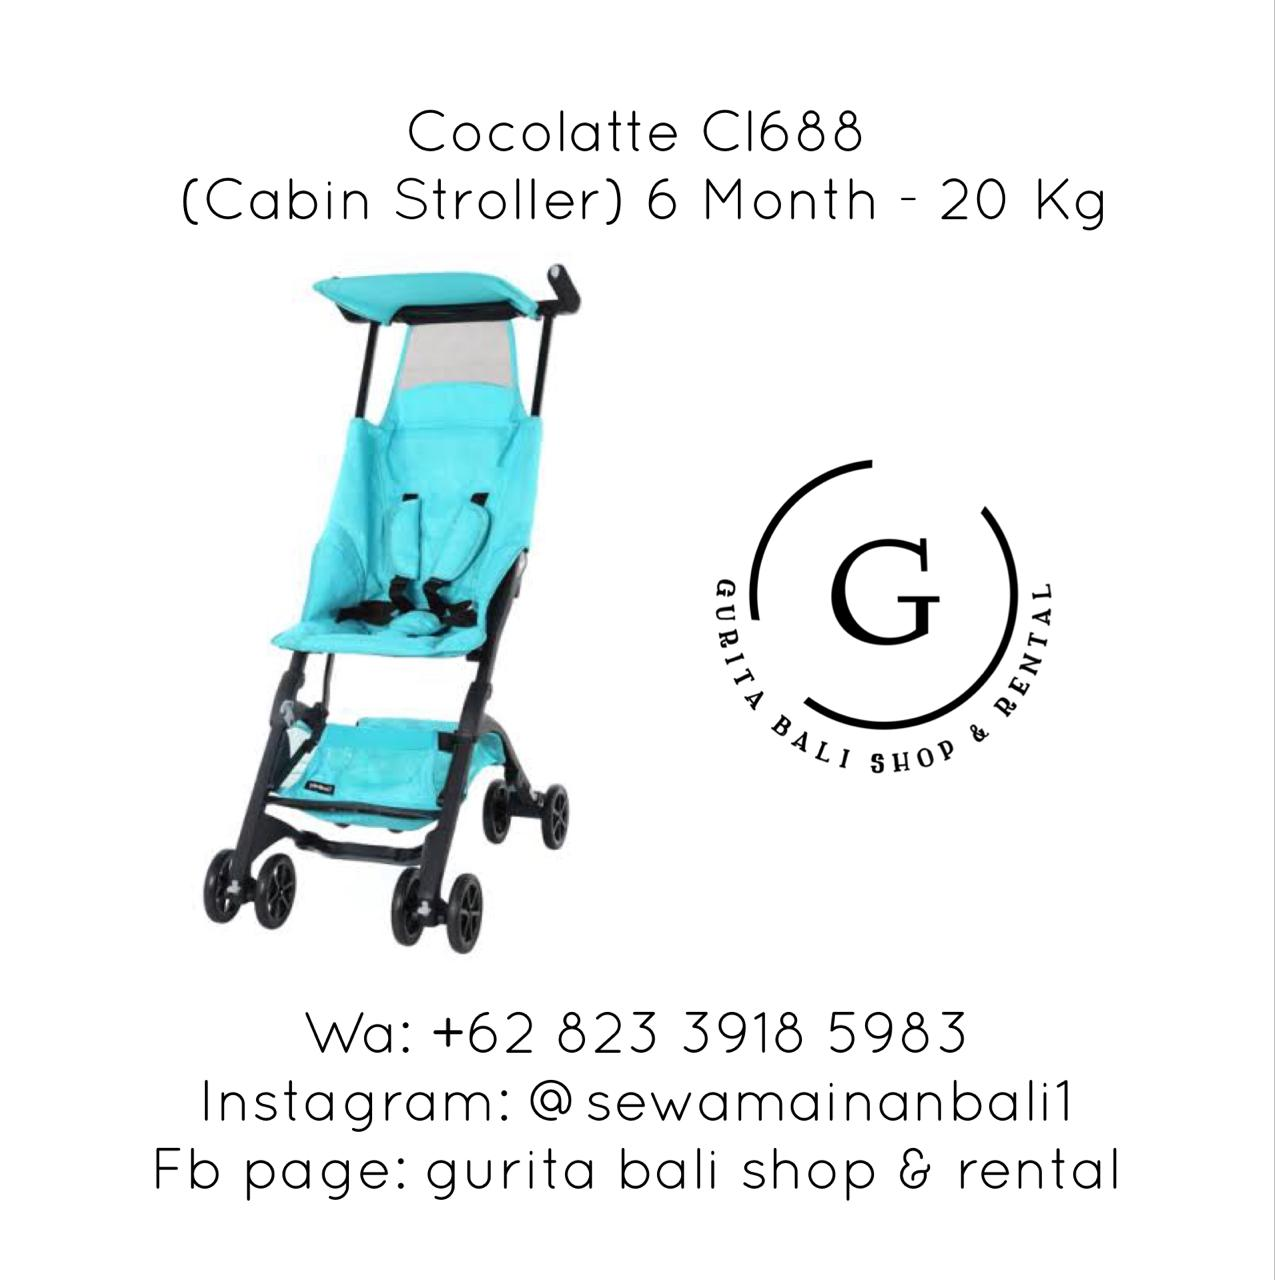 COCOLATTE CL688 (2)